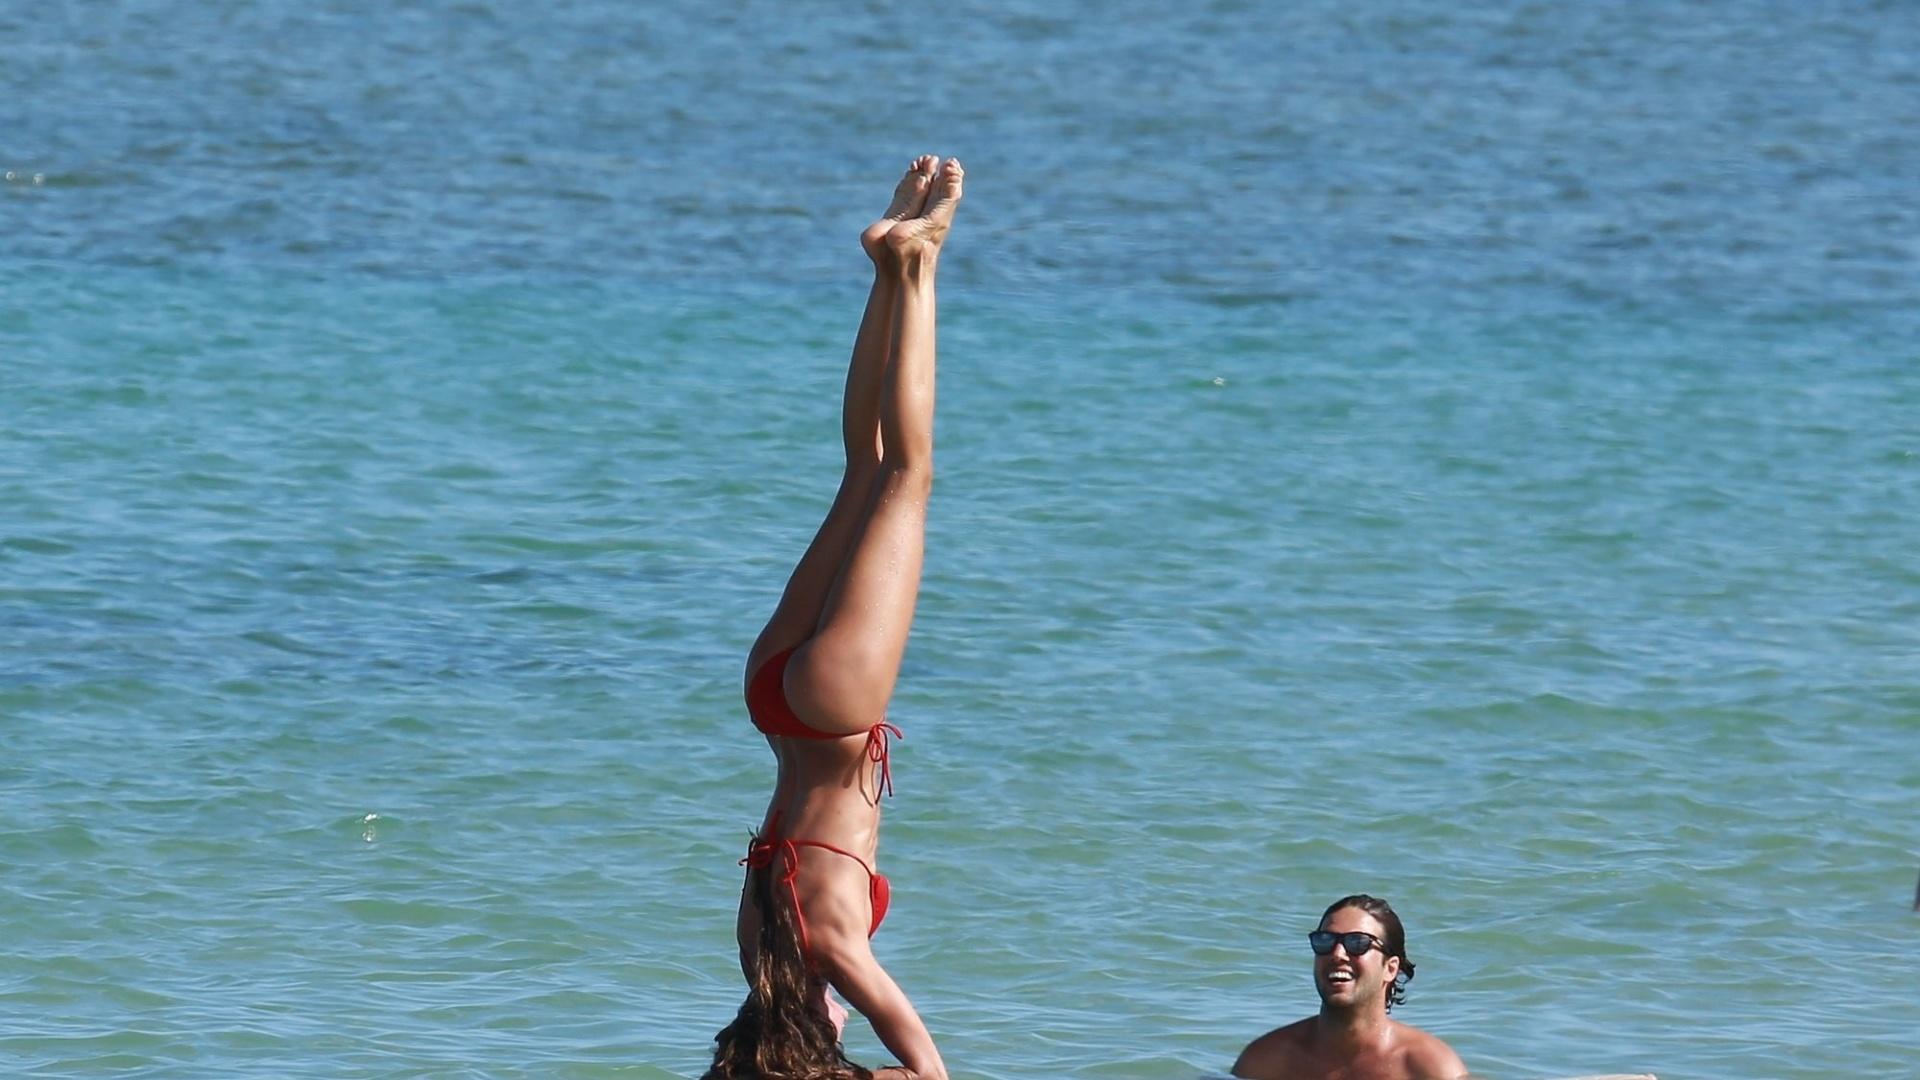 5.jan.2016 - A top brasileira Izabel Goulart deu um show de equilíbrio sobre uma prancha de surfe na praia de Trancoso, na Bahia